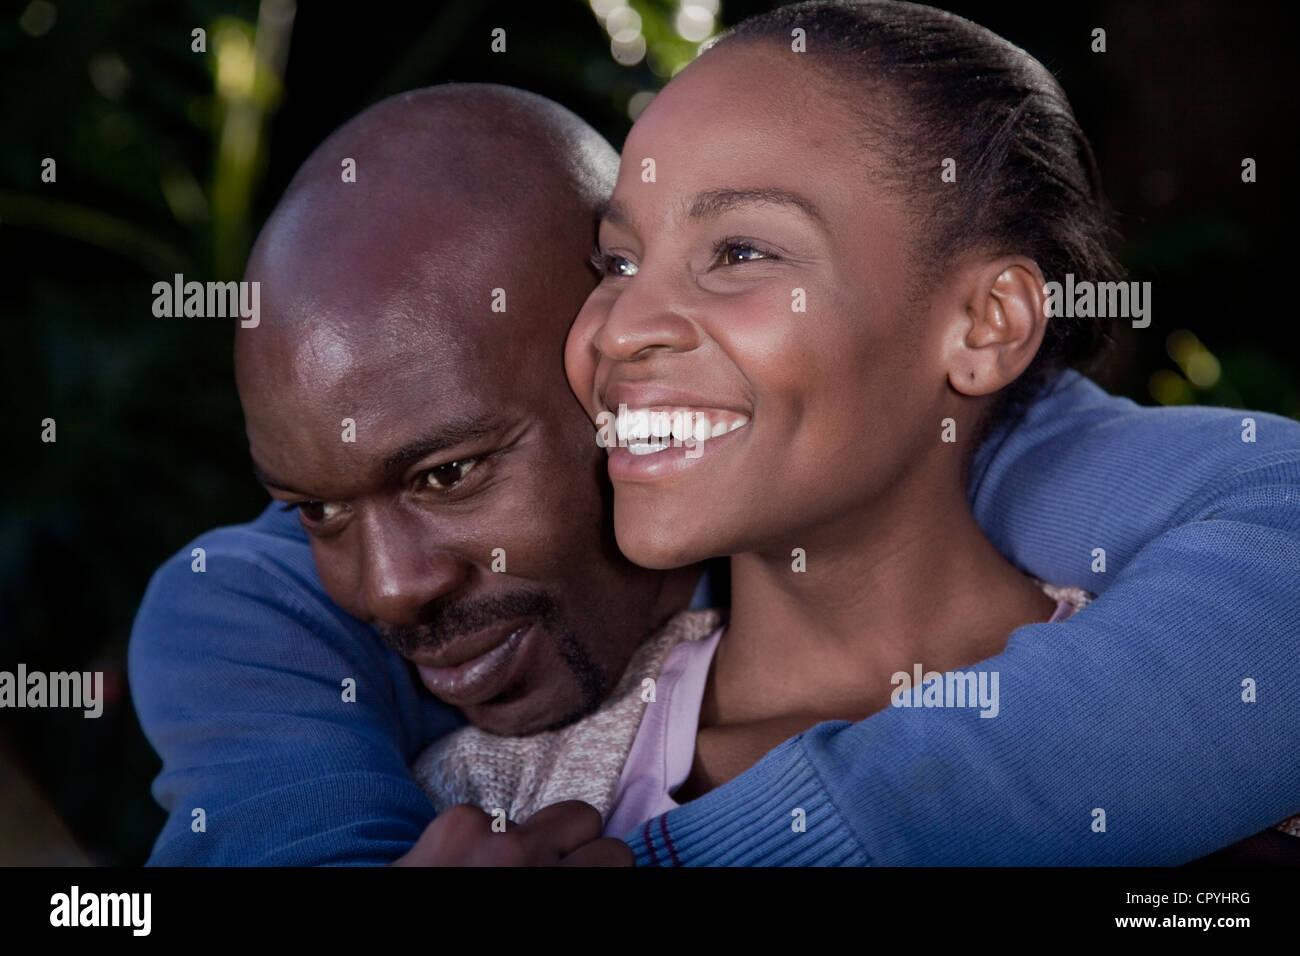 Un homme une femme, serrant avec amour Famille Illovo, Johannesburg, Afrique du Sud. Photo Stock